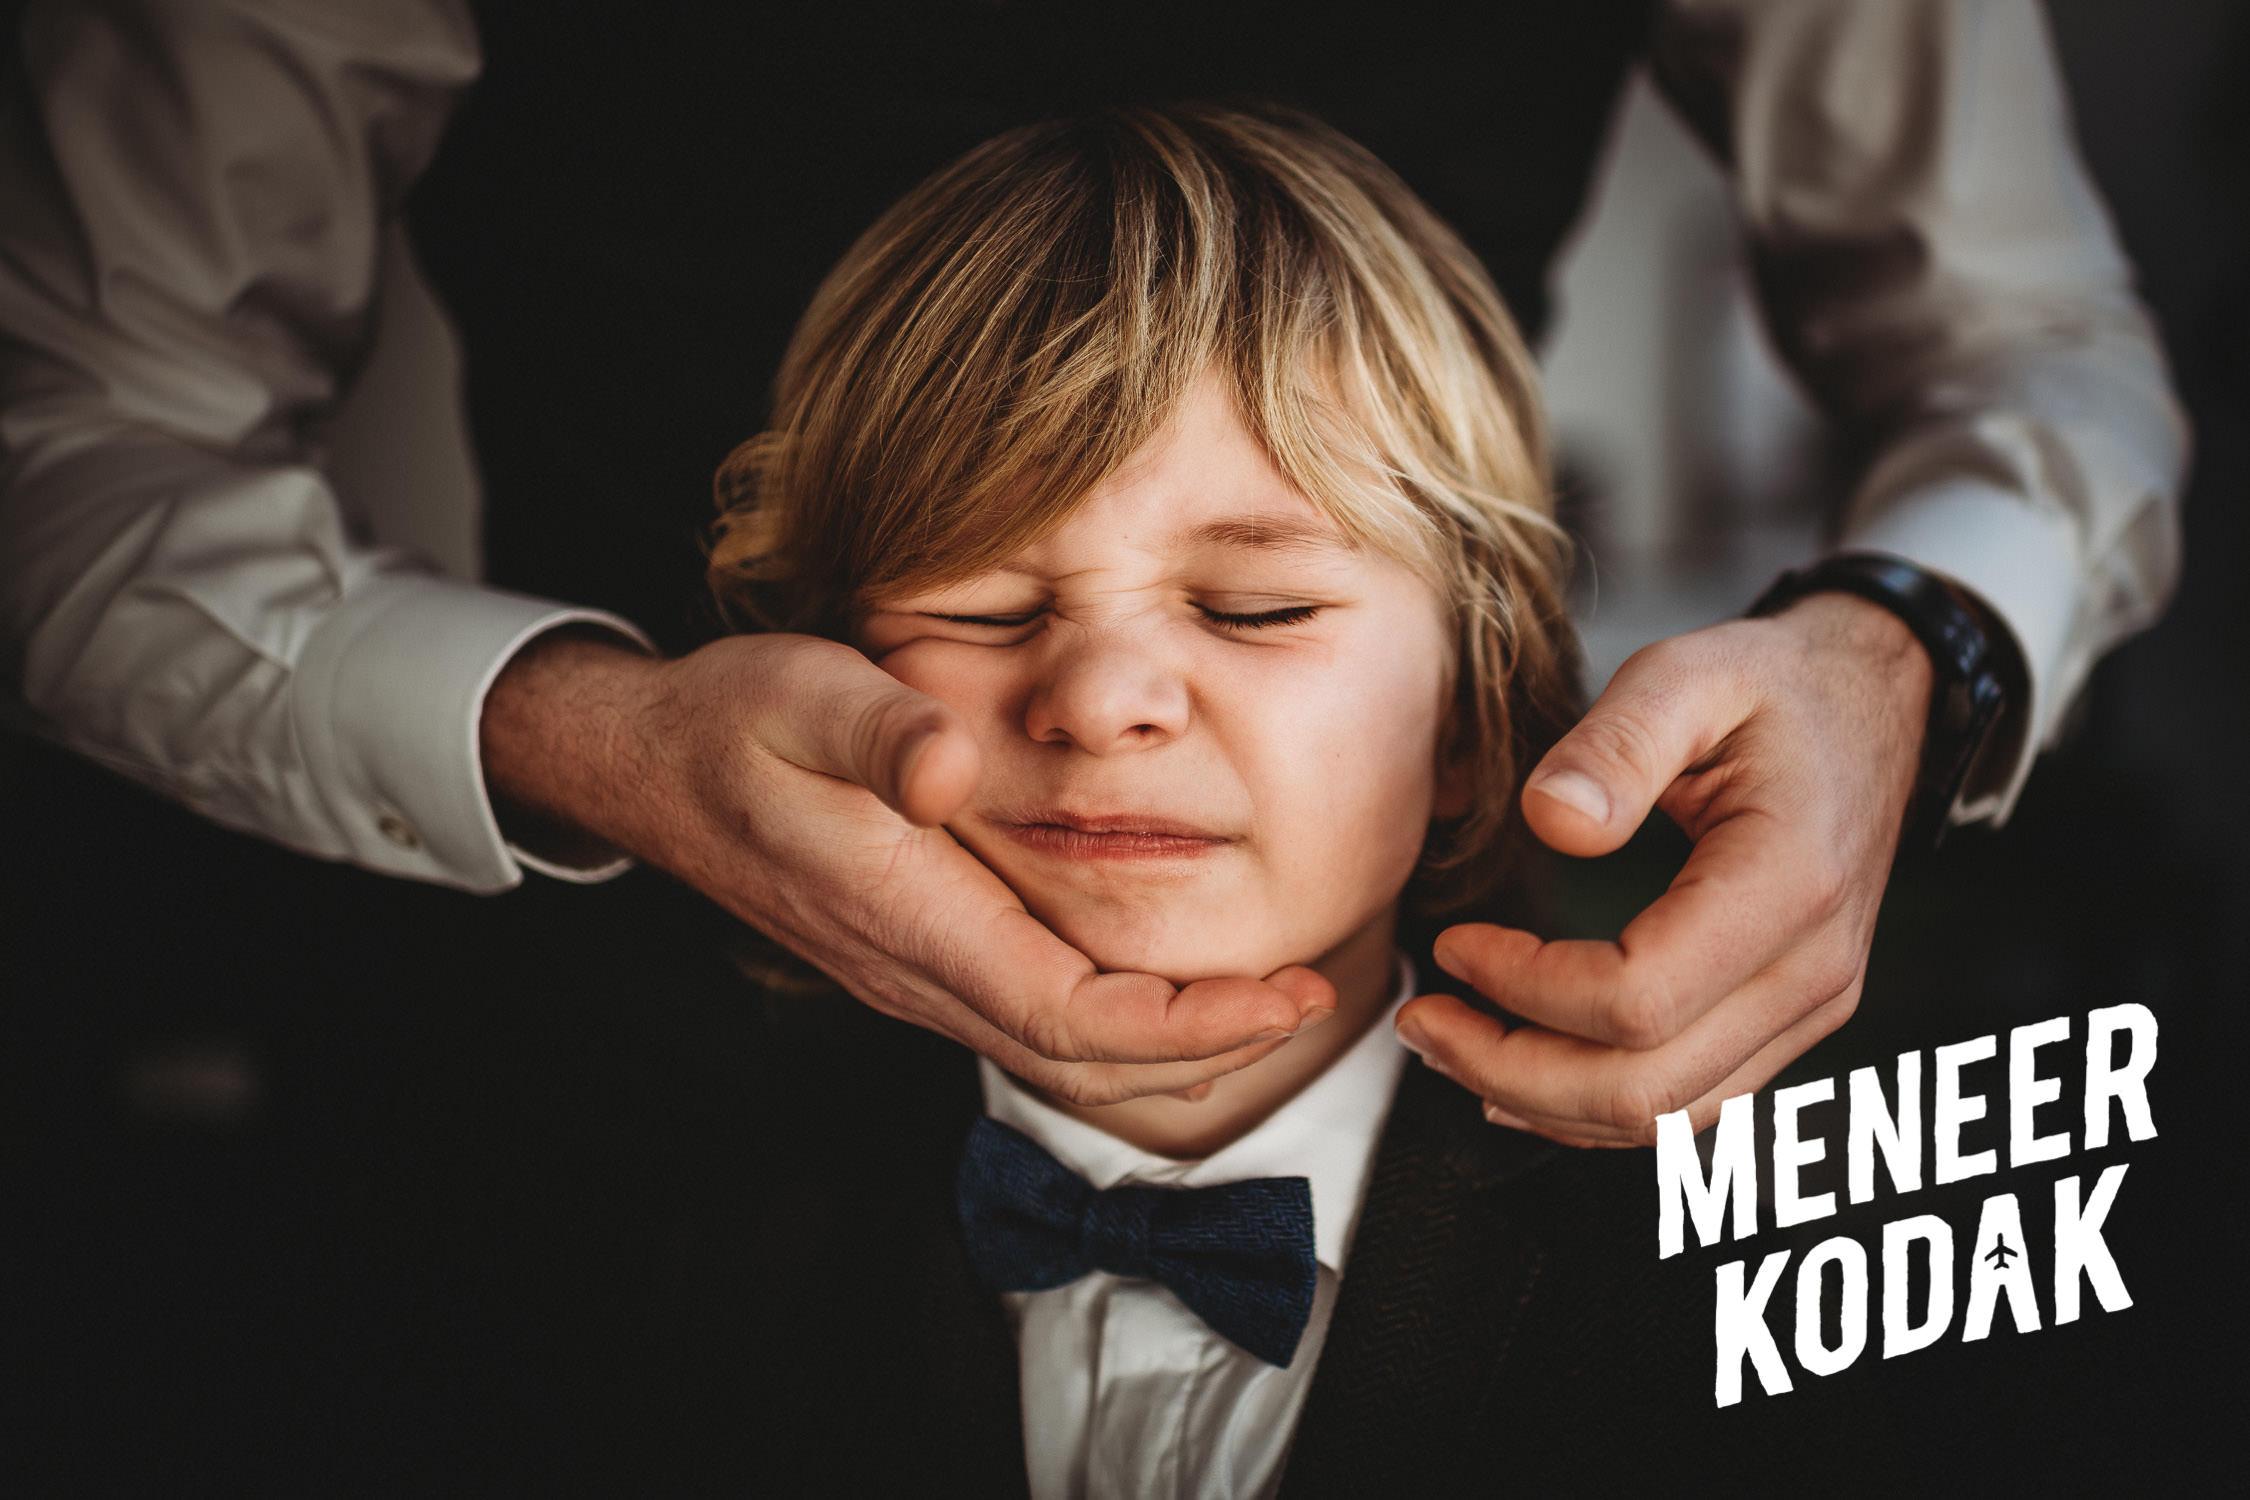 Meneer Kodak - Bruidsfotograaf - Breda - S&R-060.jpg